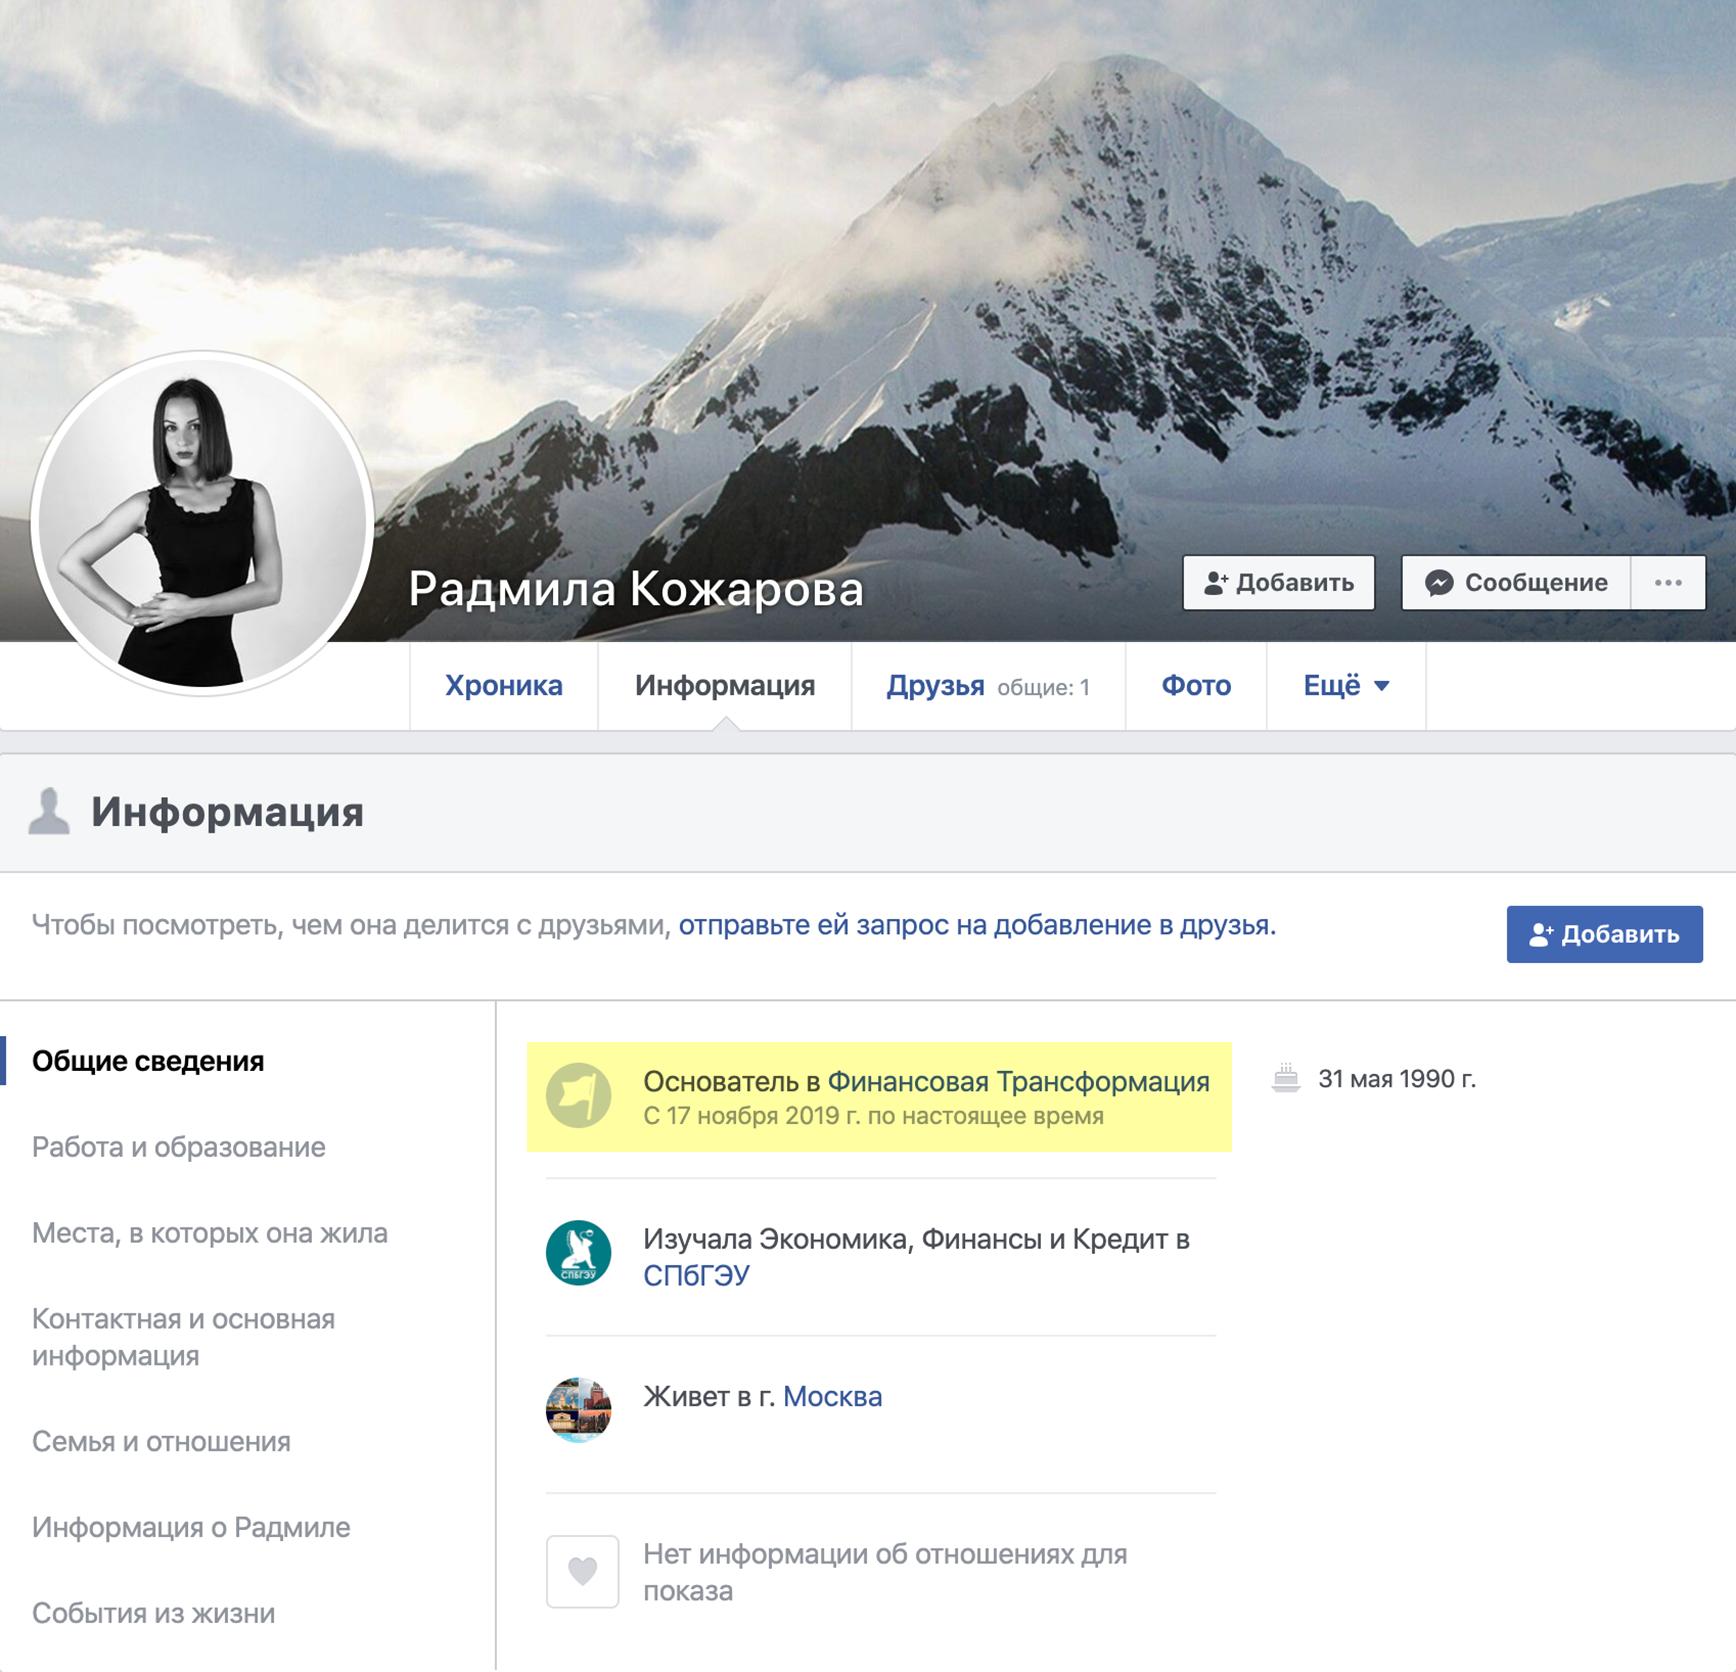 Но, если верить профилю Кожаровой в Фейсбуке, «Финтранс» она основала только в ноябре 2019года. Про ее опыт работы в других компаниях соцсеть не знает